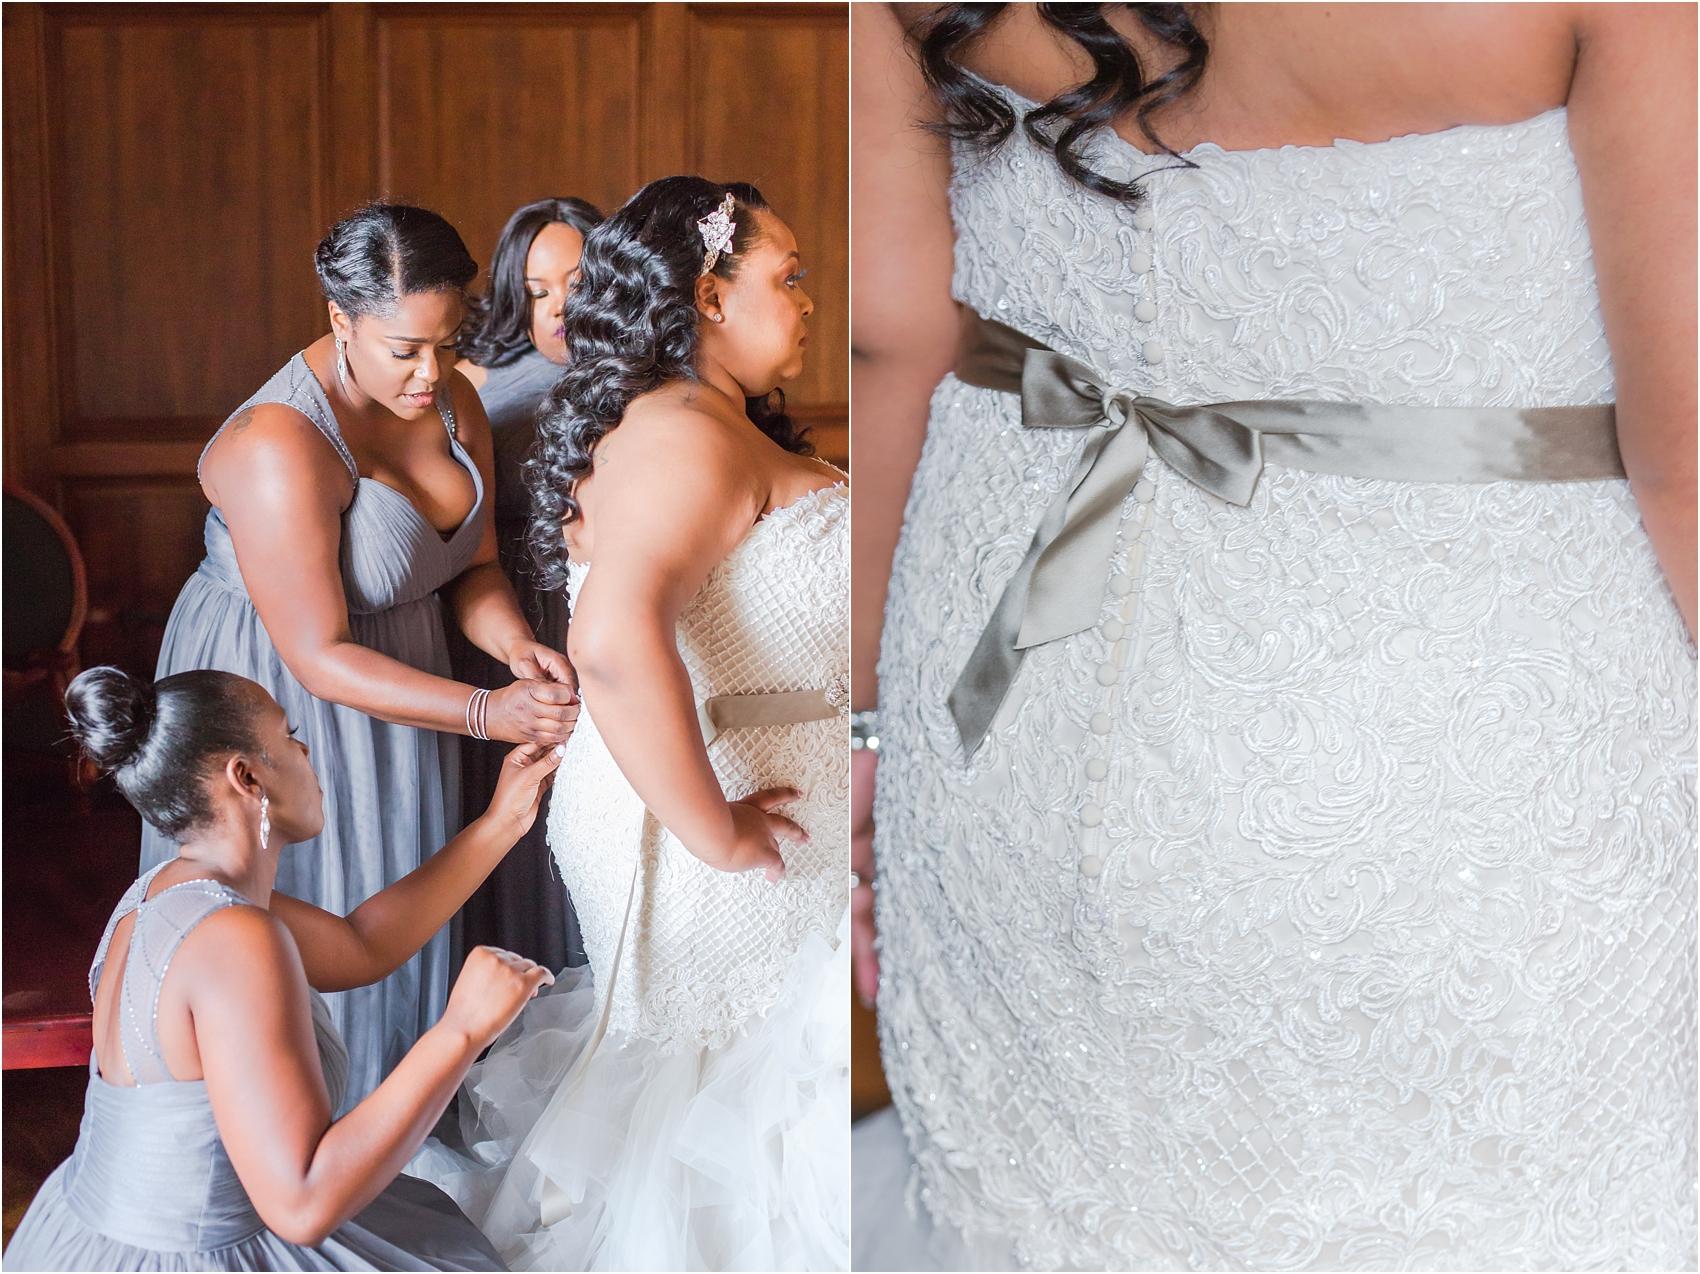 minimalist-and-modern-wedding-photos-at-30-north-saginaw-in-pontiac-michigan-by-courtney-carolyn-photography_0003.jpg